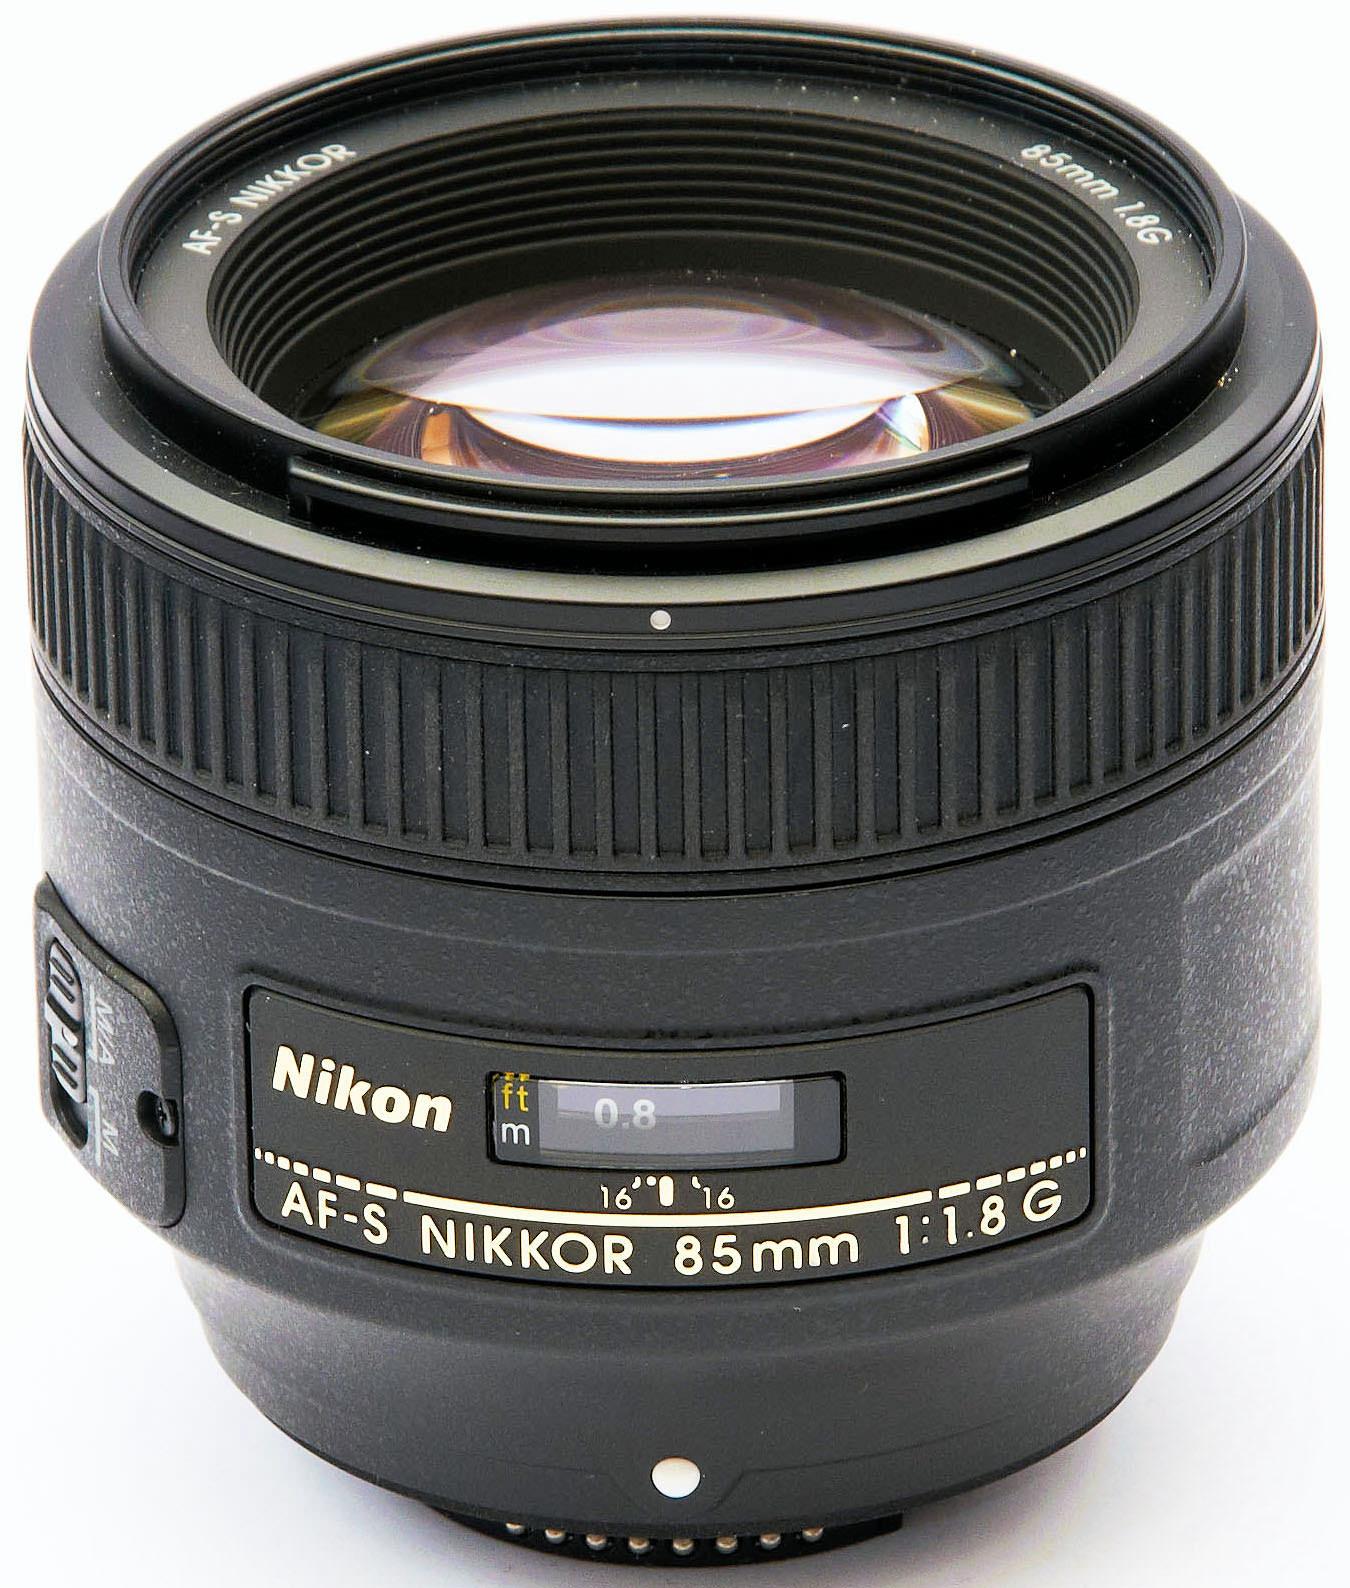 nikon af s nikkor 85mm f 1 8g lens review rh ephotozine com Ken Rockwell Nikon 85Mm 1 8G Used Nikon 85Mm 1.8